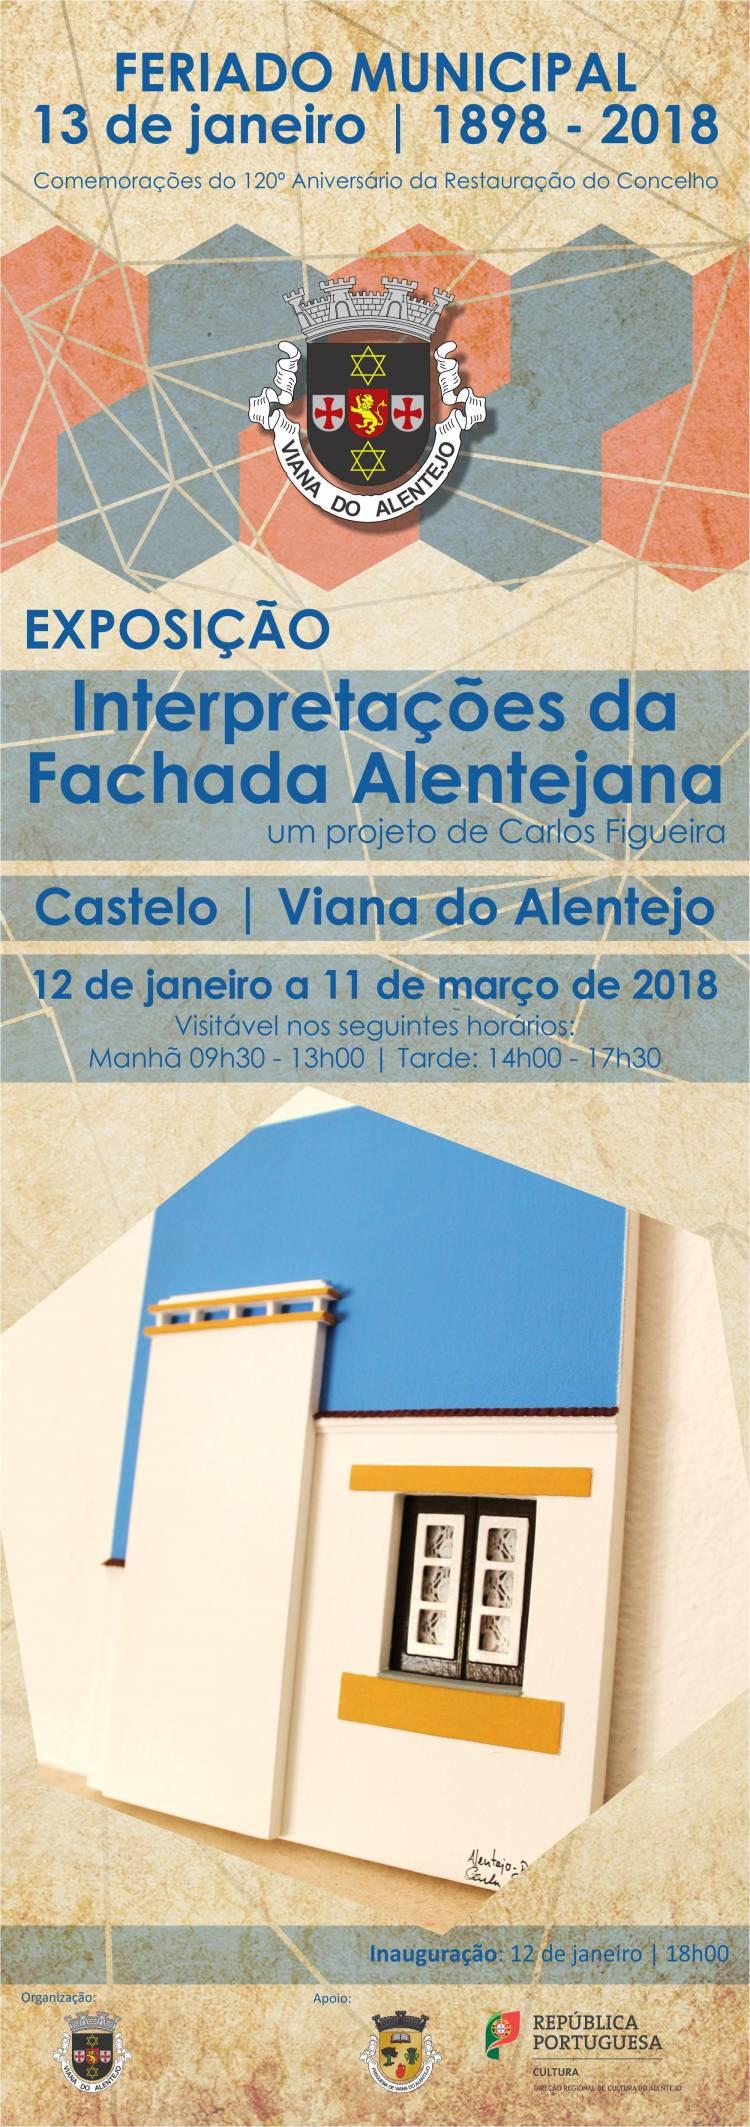 """""""Interpretações da Fachada Alentejana"""" de Carlos Figueira, em exposição em Viana do Alentejo"""